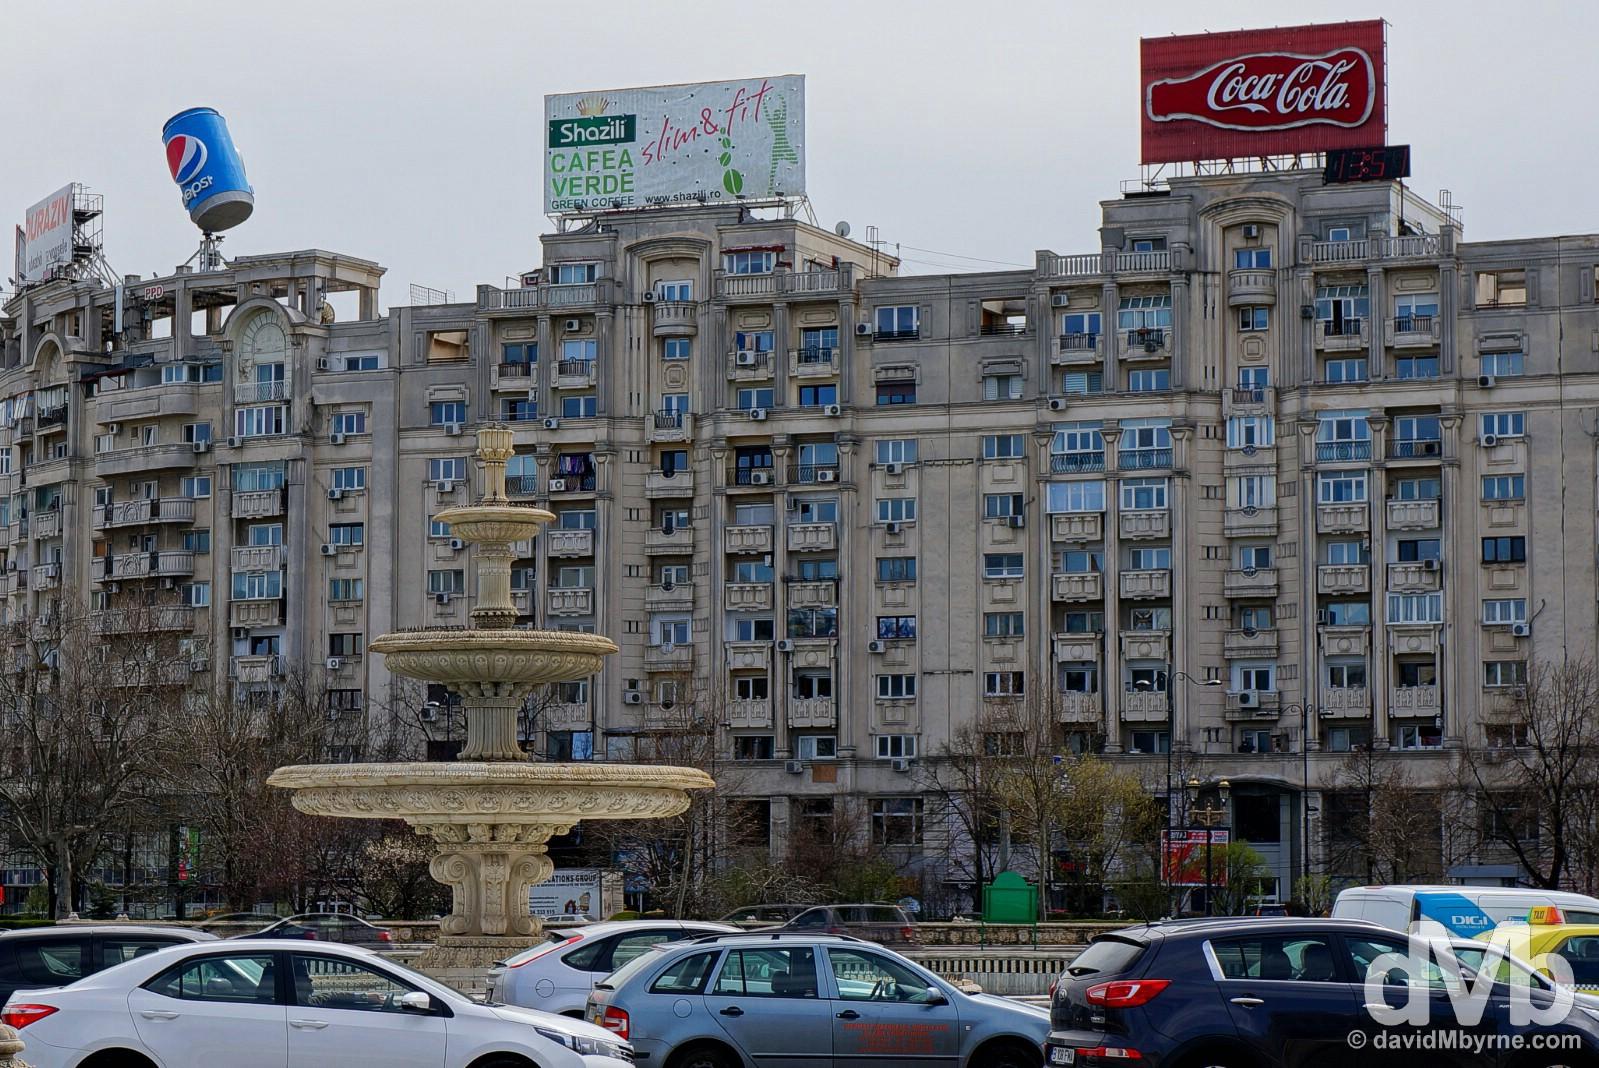 Piata Unirii, Bucharest, Romania. April 1, 2015.